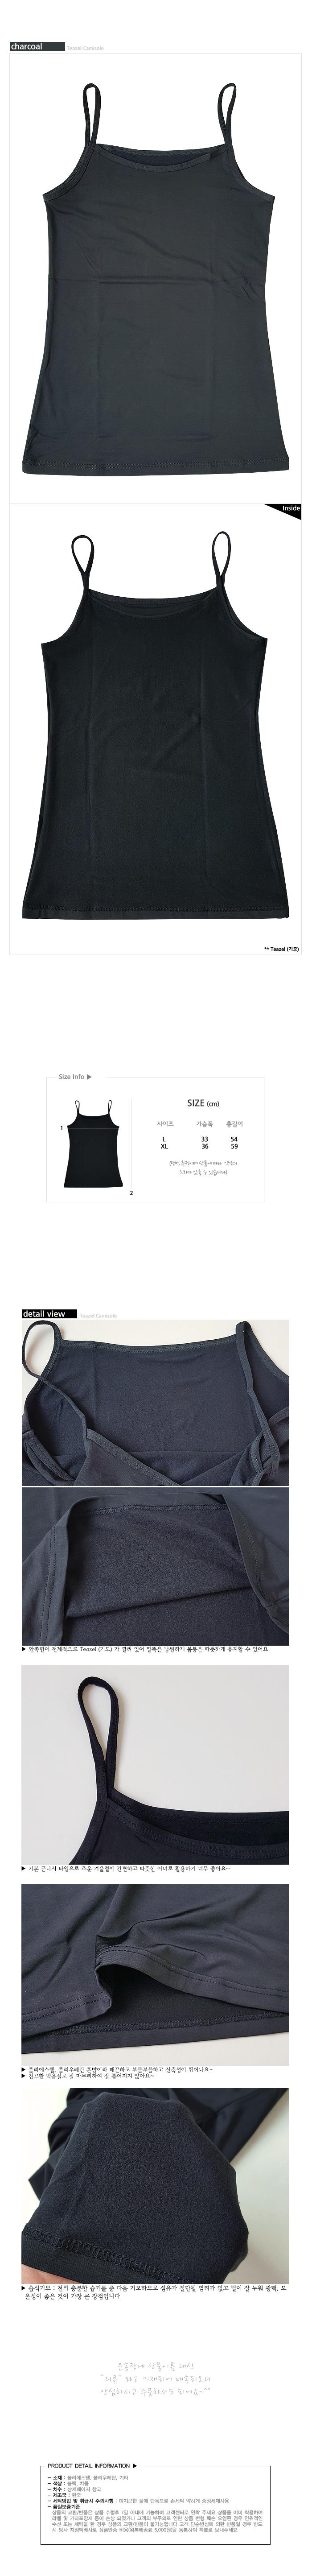 기모 끈나시 - 시크릿, 9,800원, 상의, 민소매티셔츠